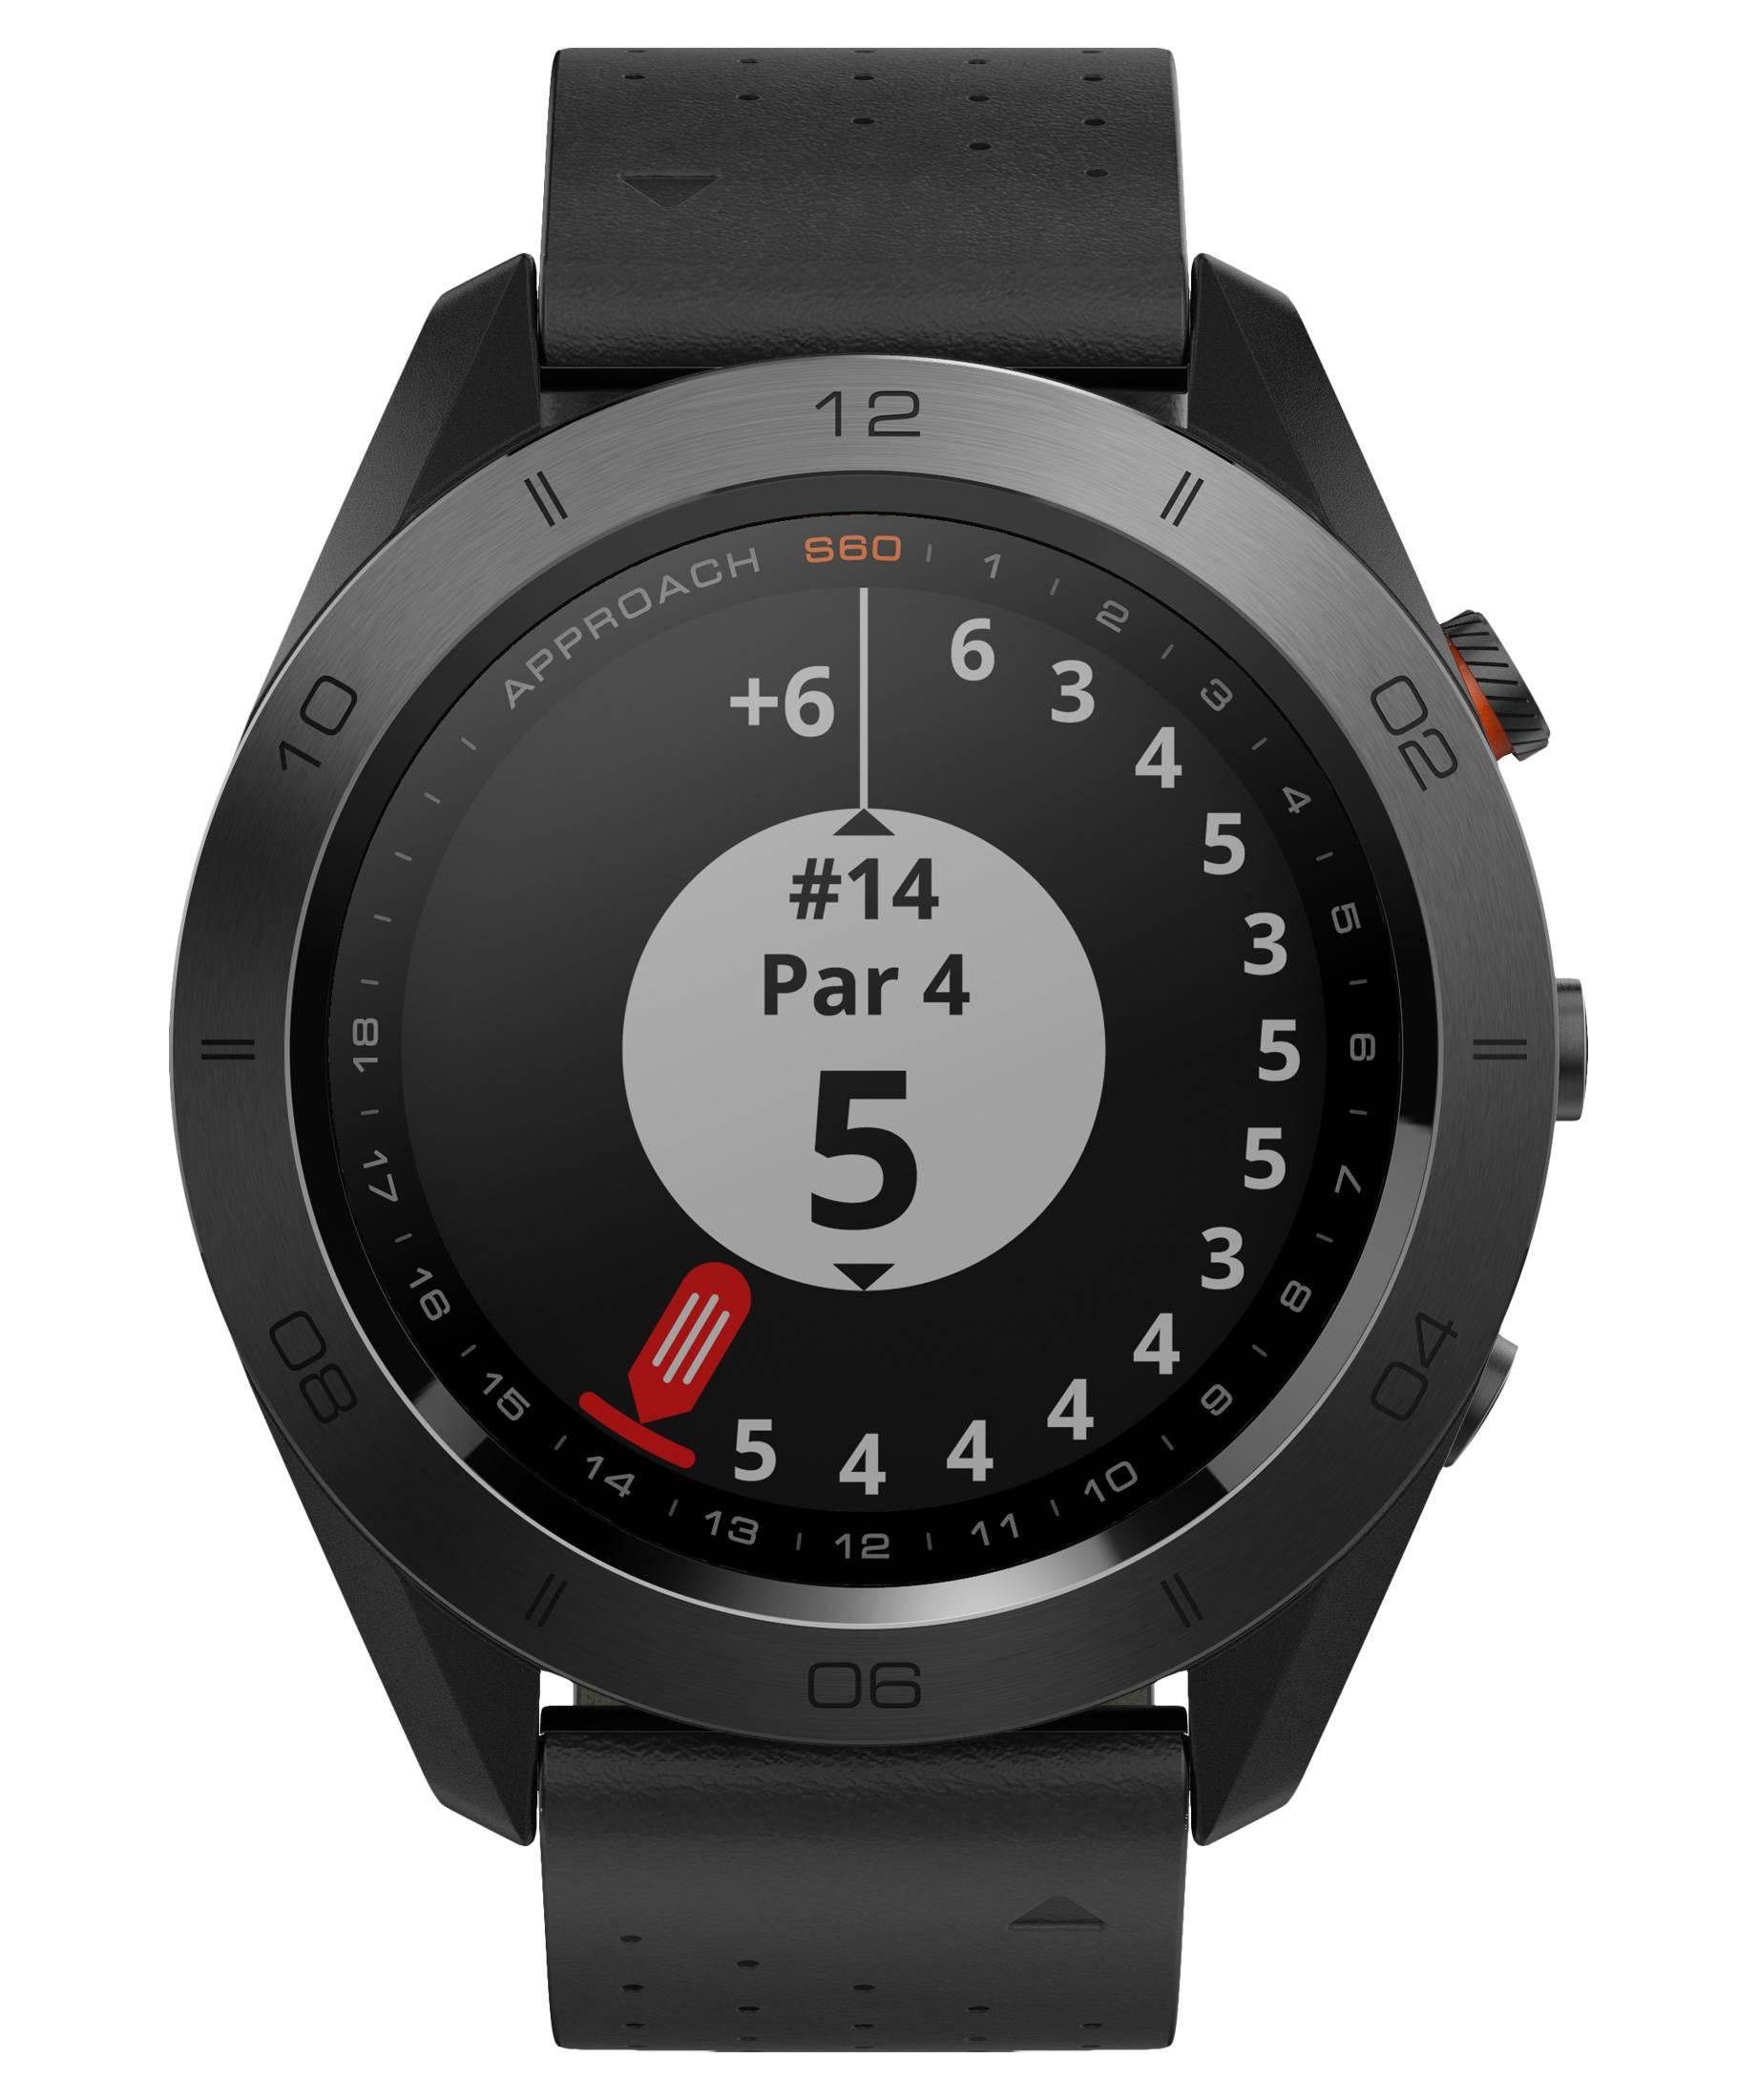 Die neue Golfuhr Garmin Approach S60 - Wir testen für euch!